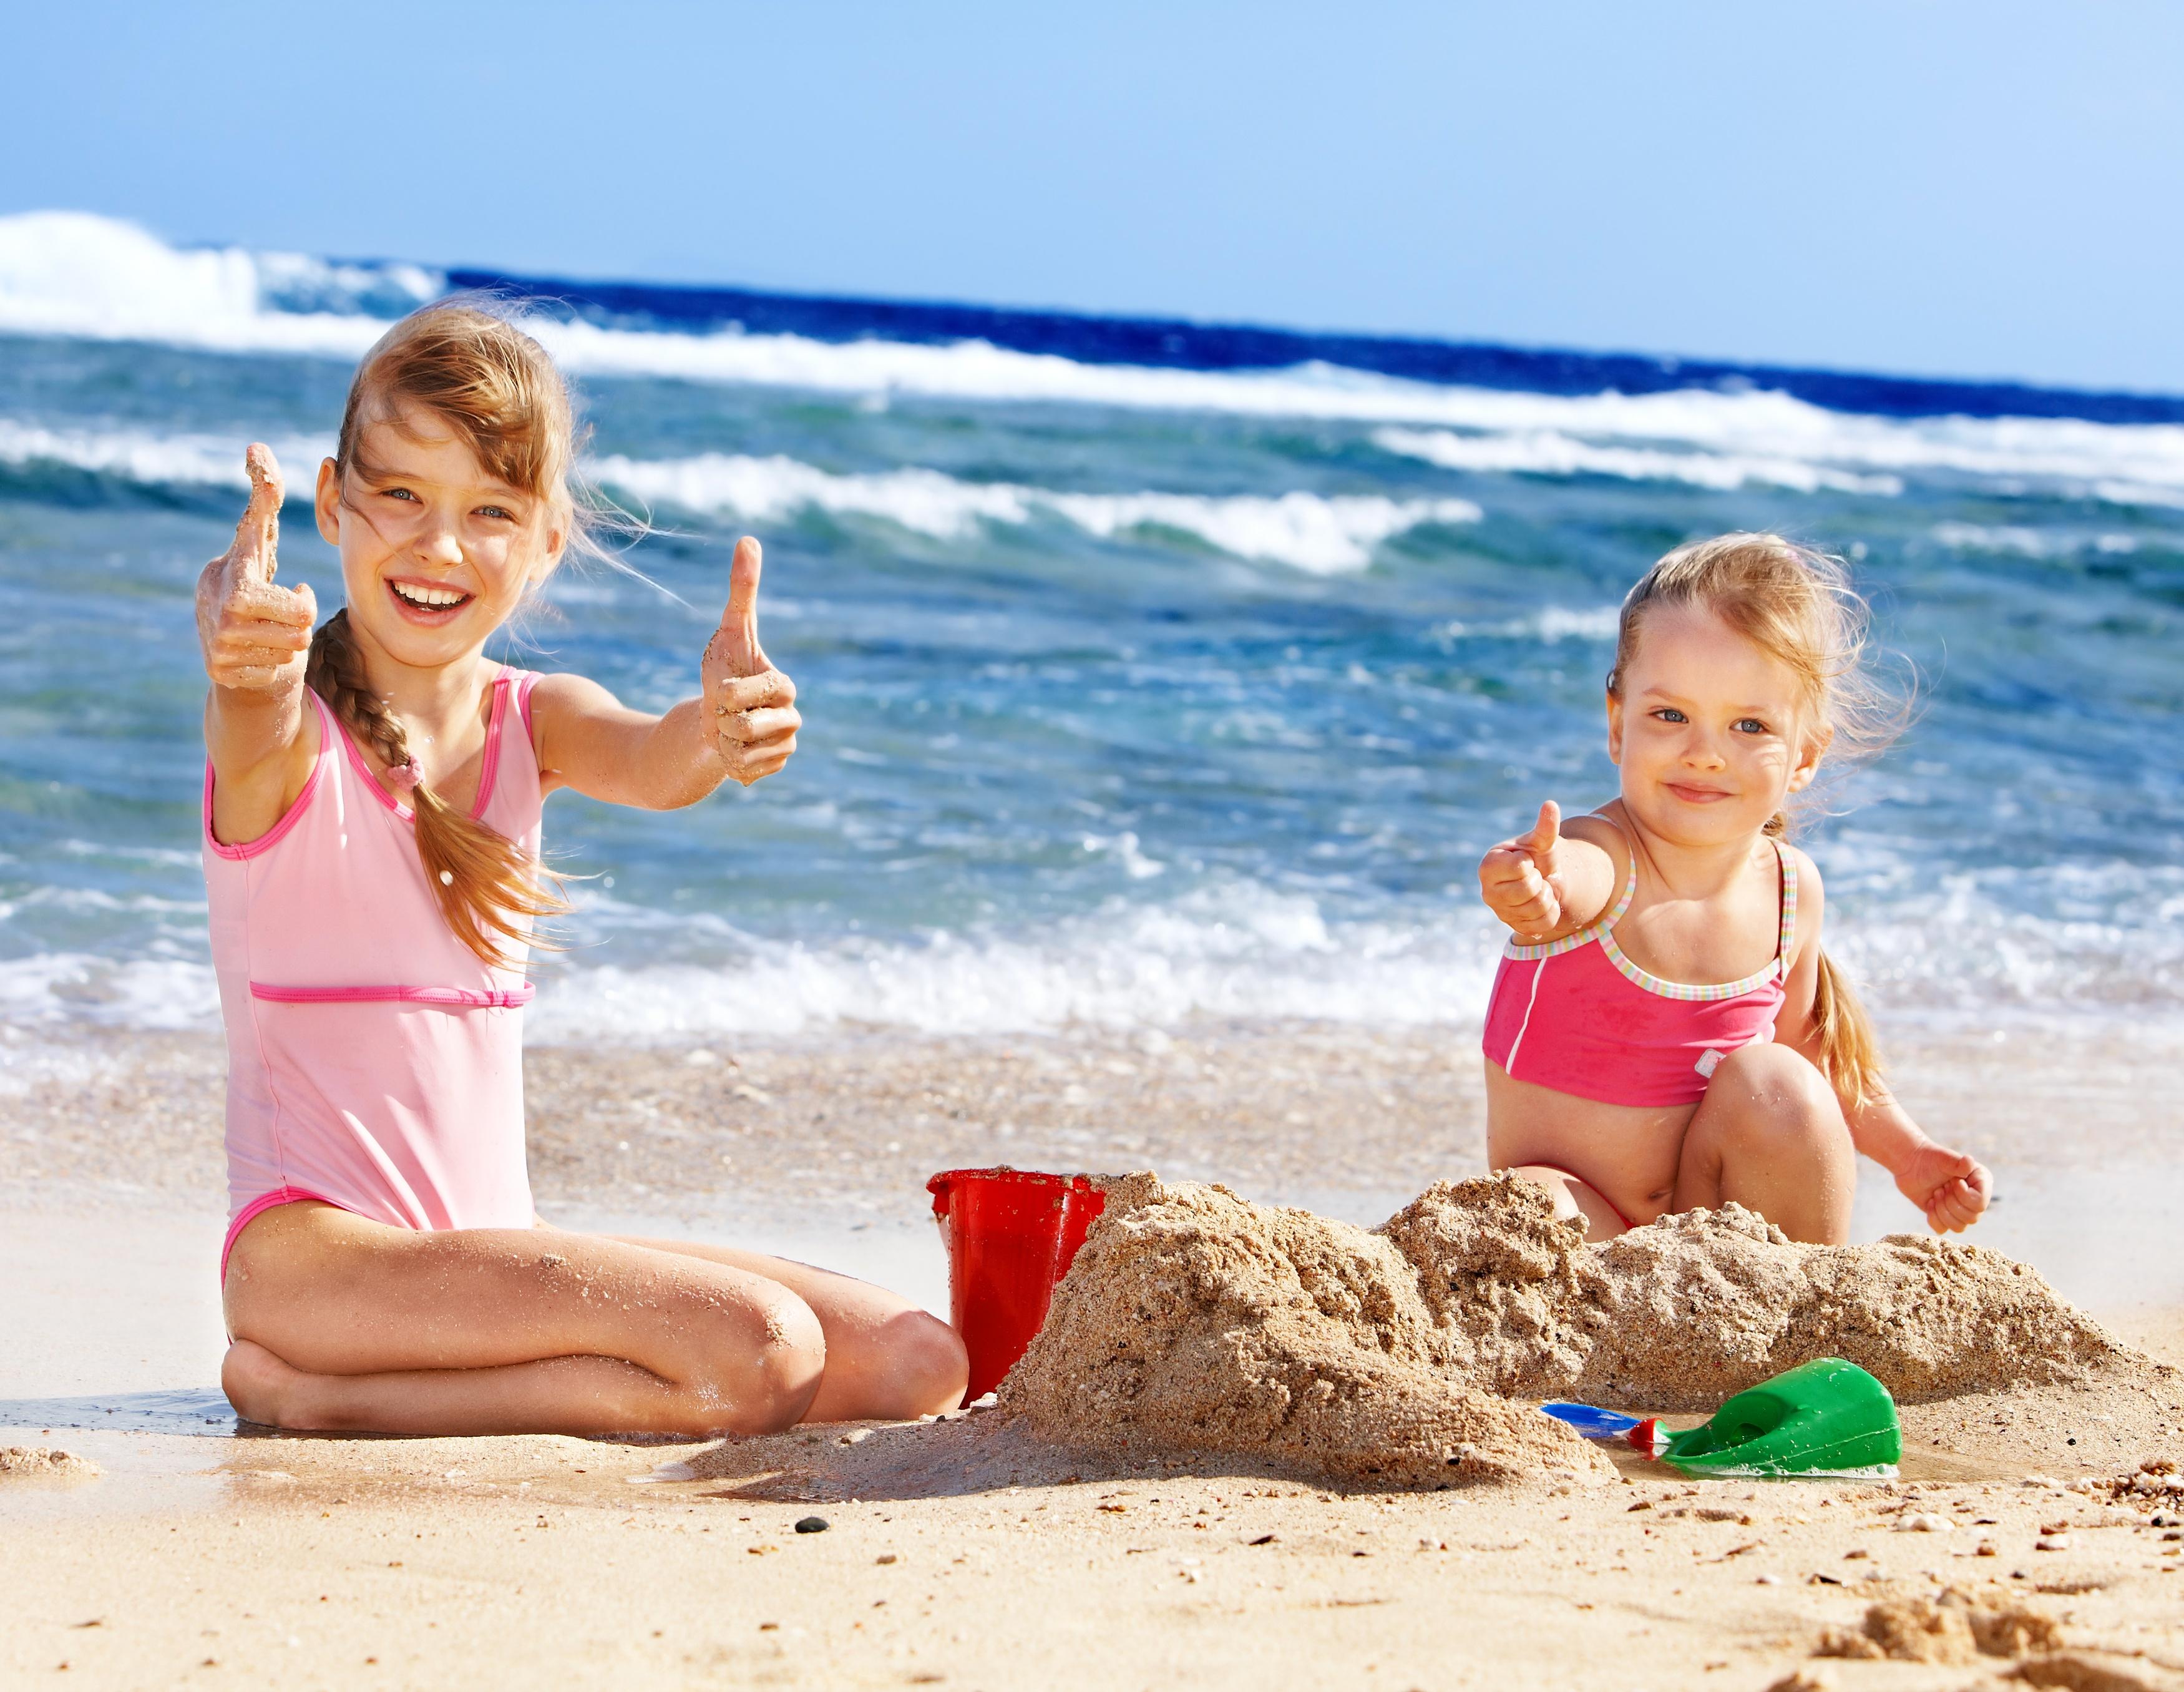 Children Love The Beach